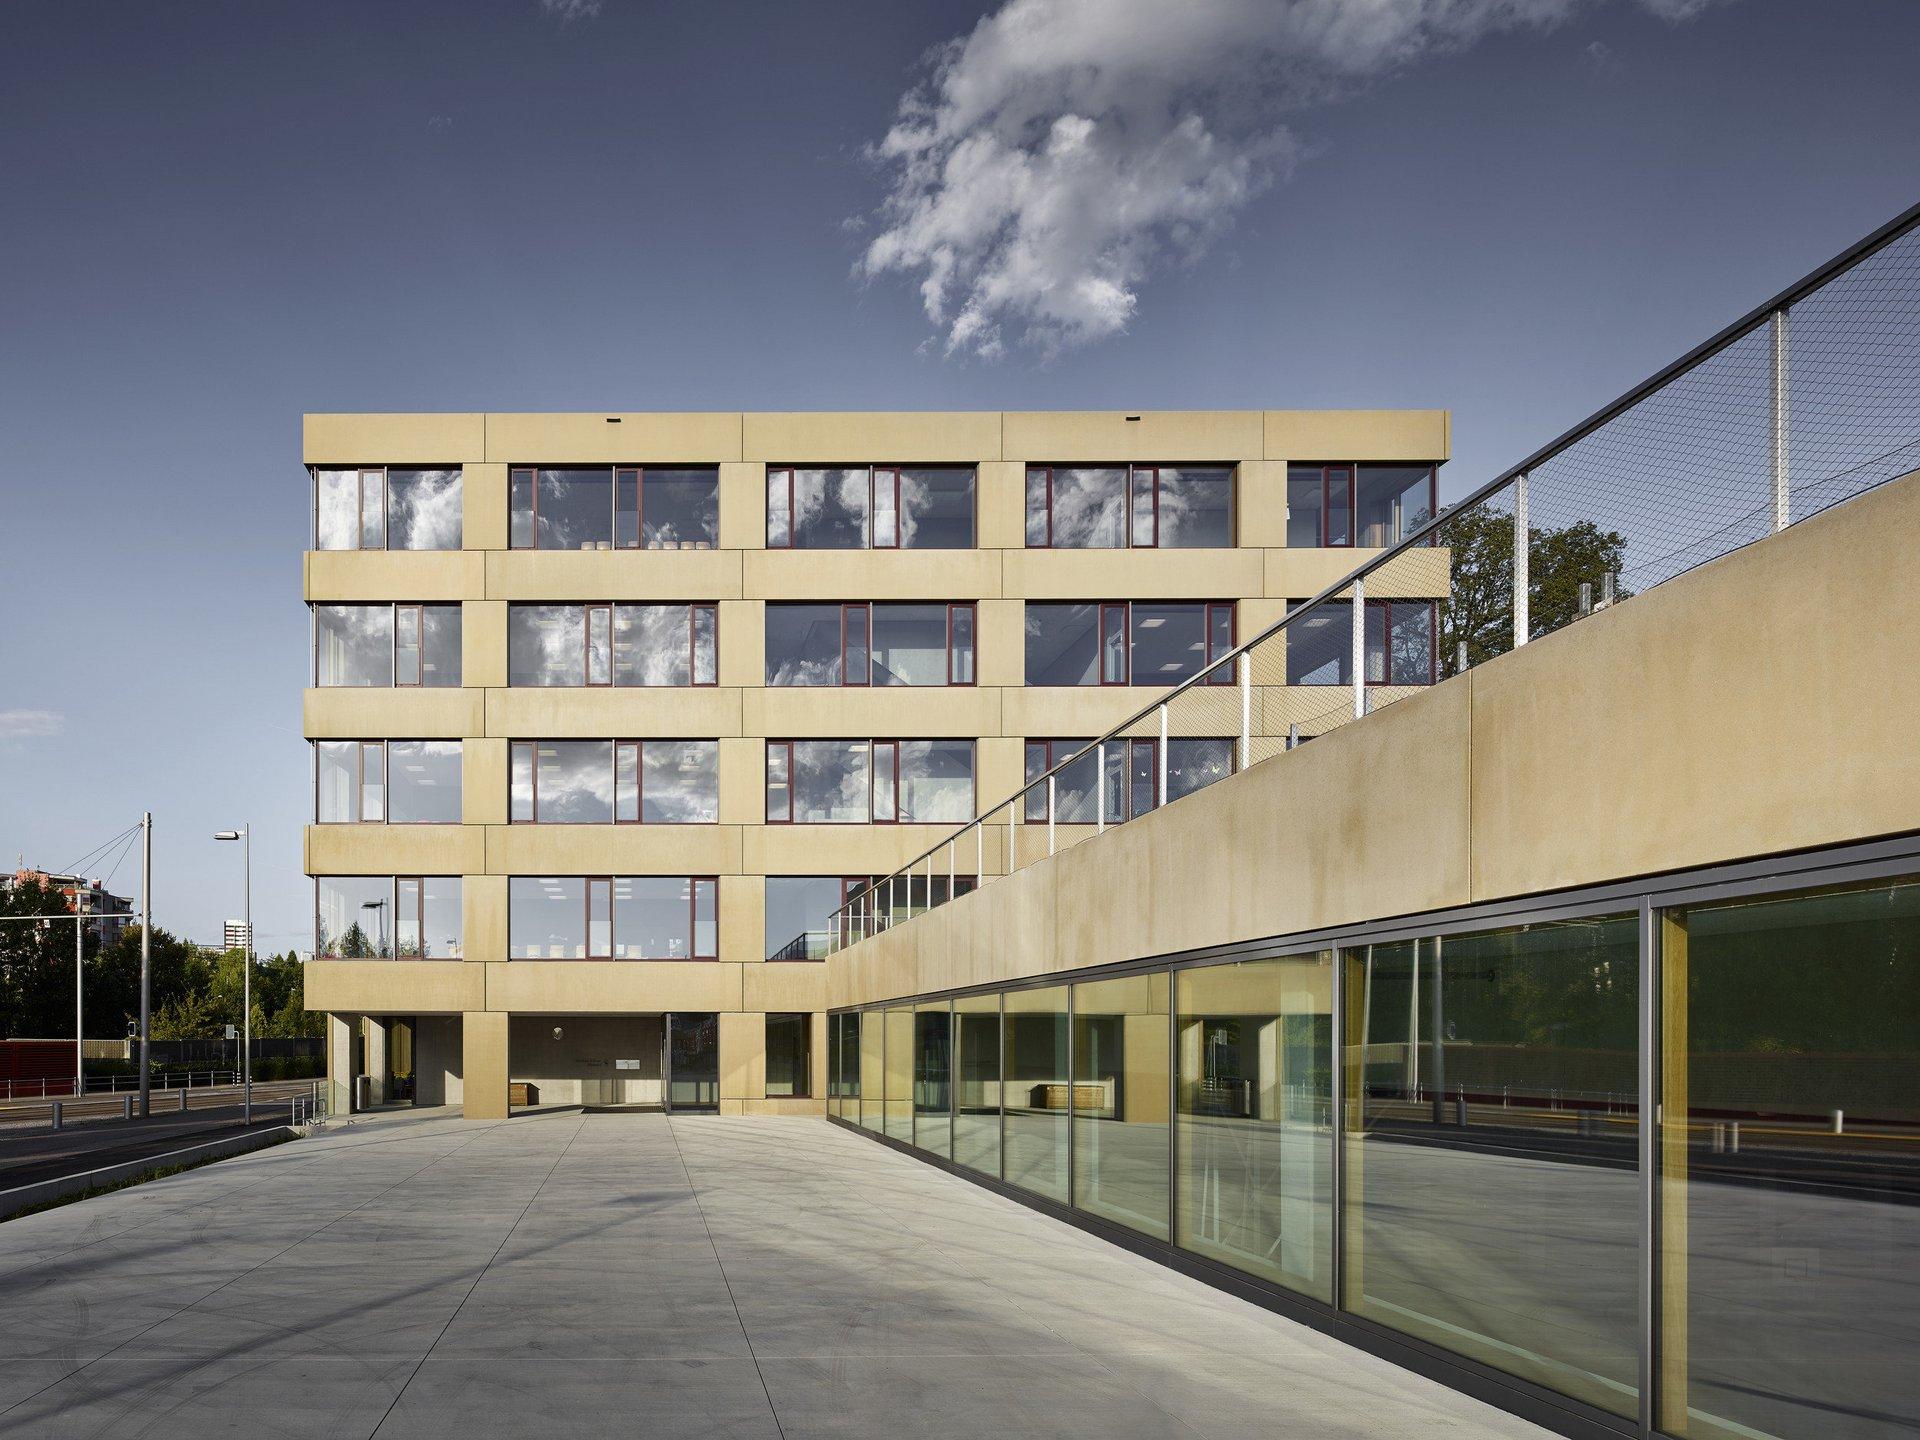 Bâtiment scolaire de plusieurs étages avec agencement régulier des fenêtres